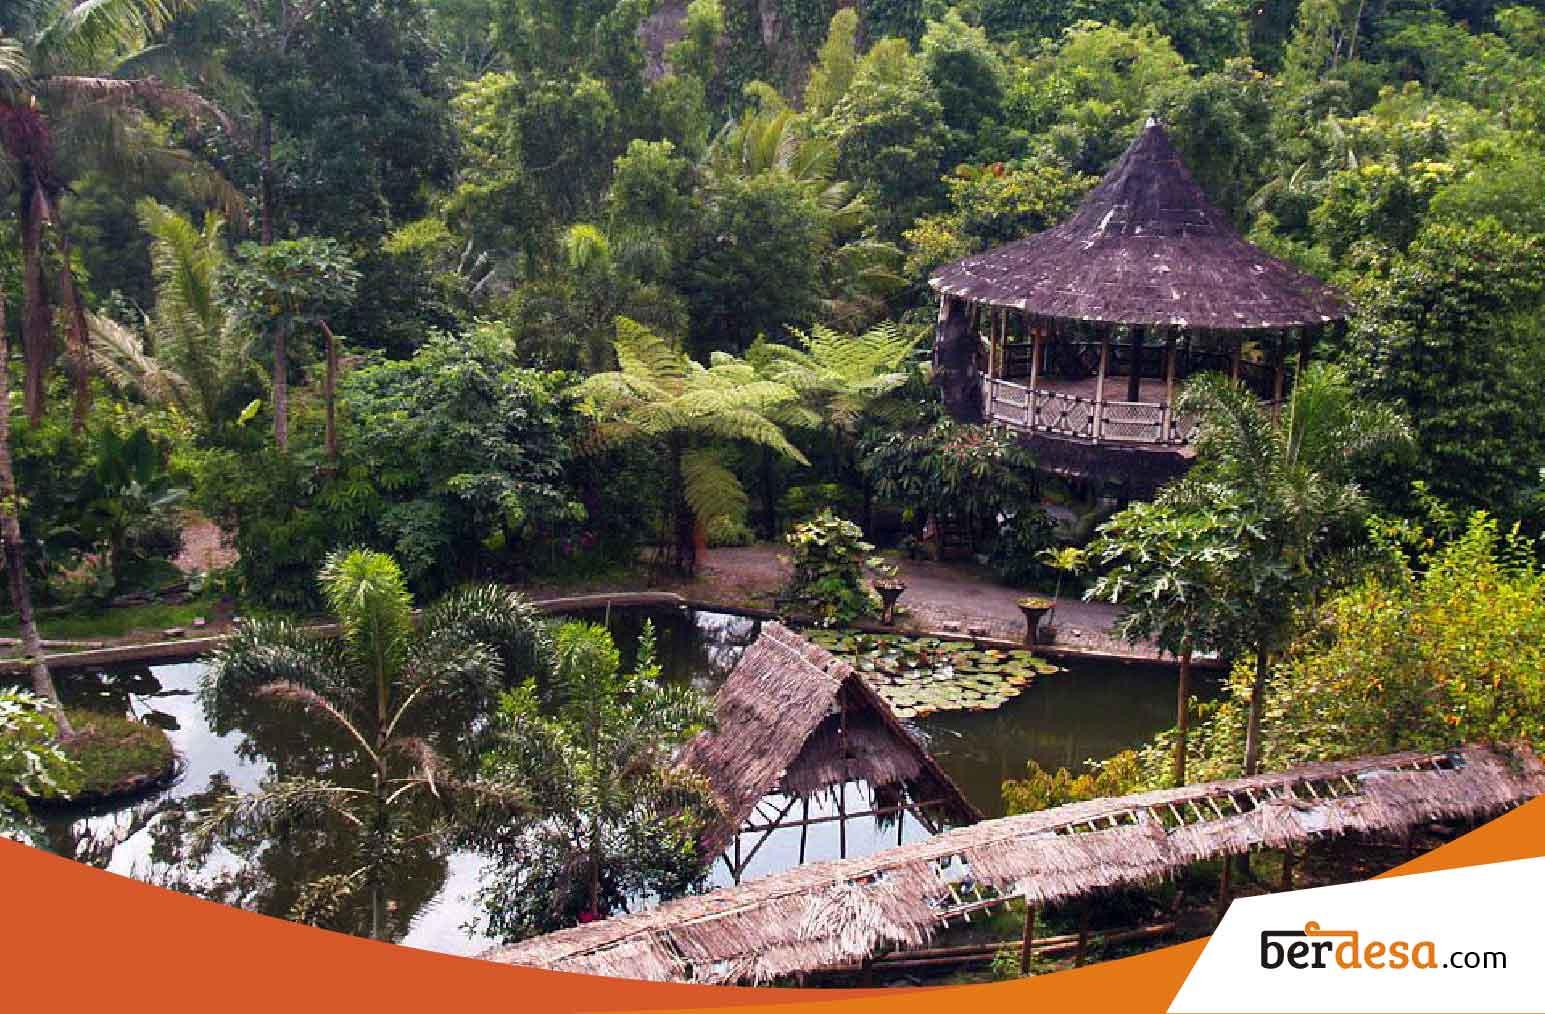 Desa Wisata Pertanian, Edukasi Masa Kini - Berdesa